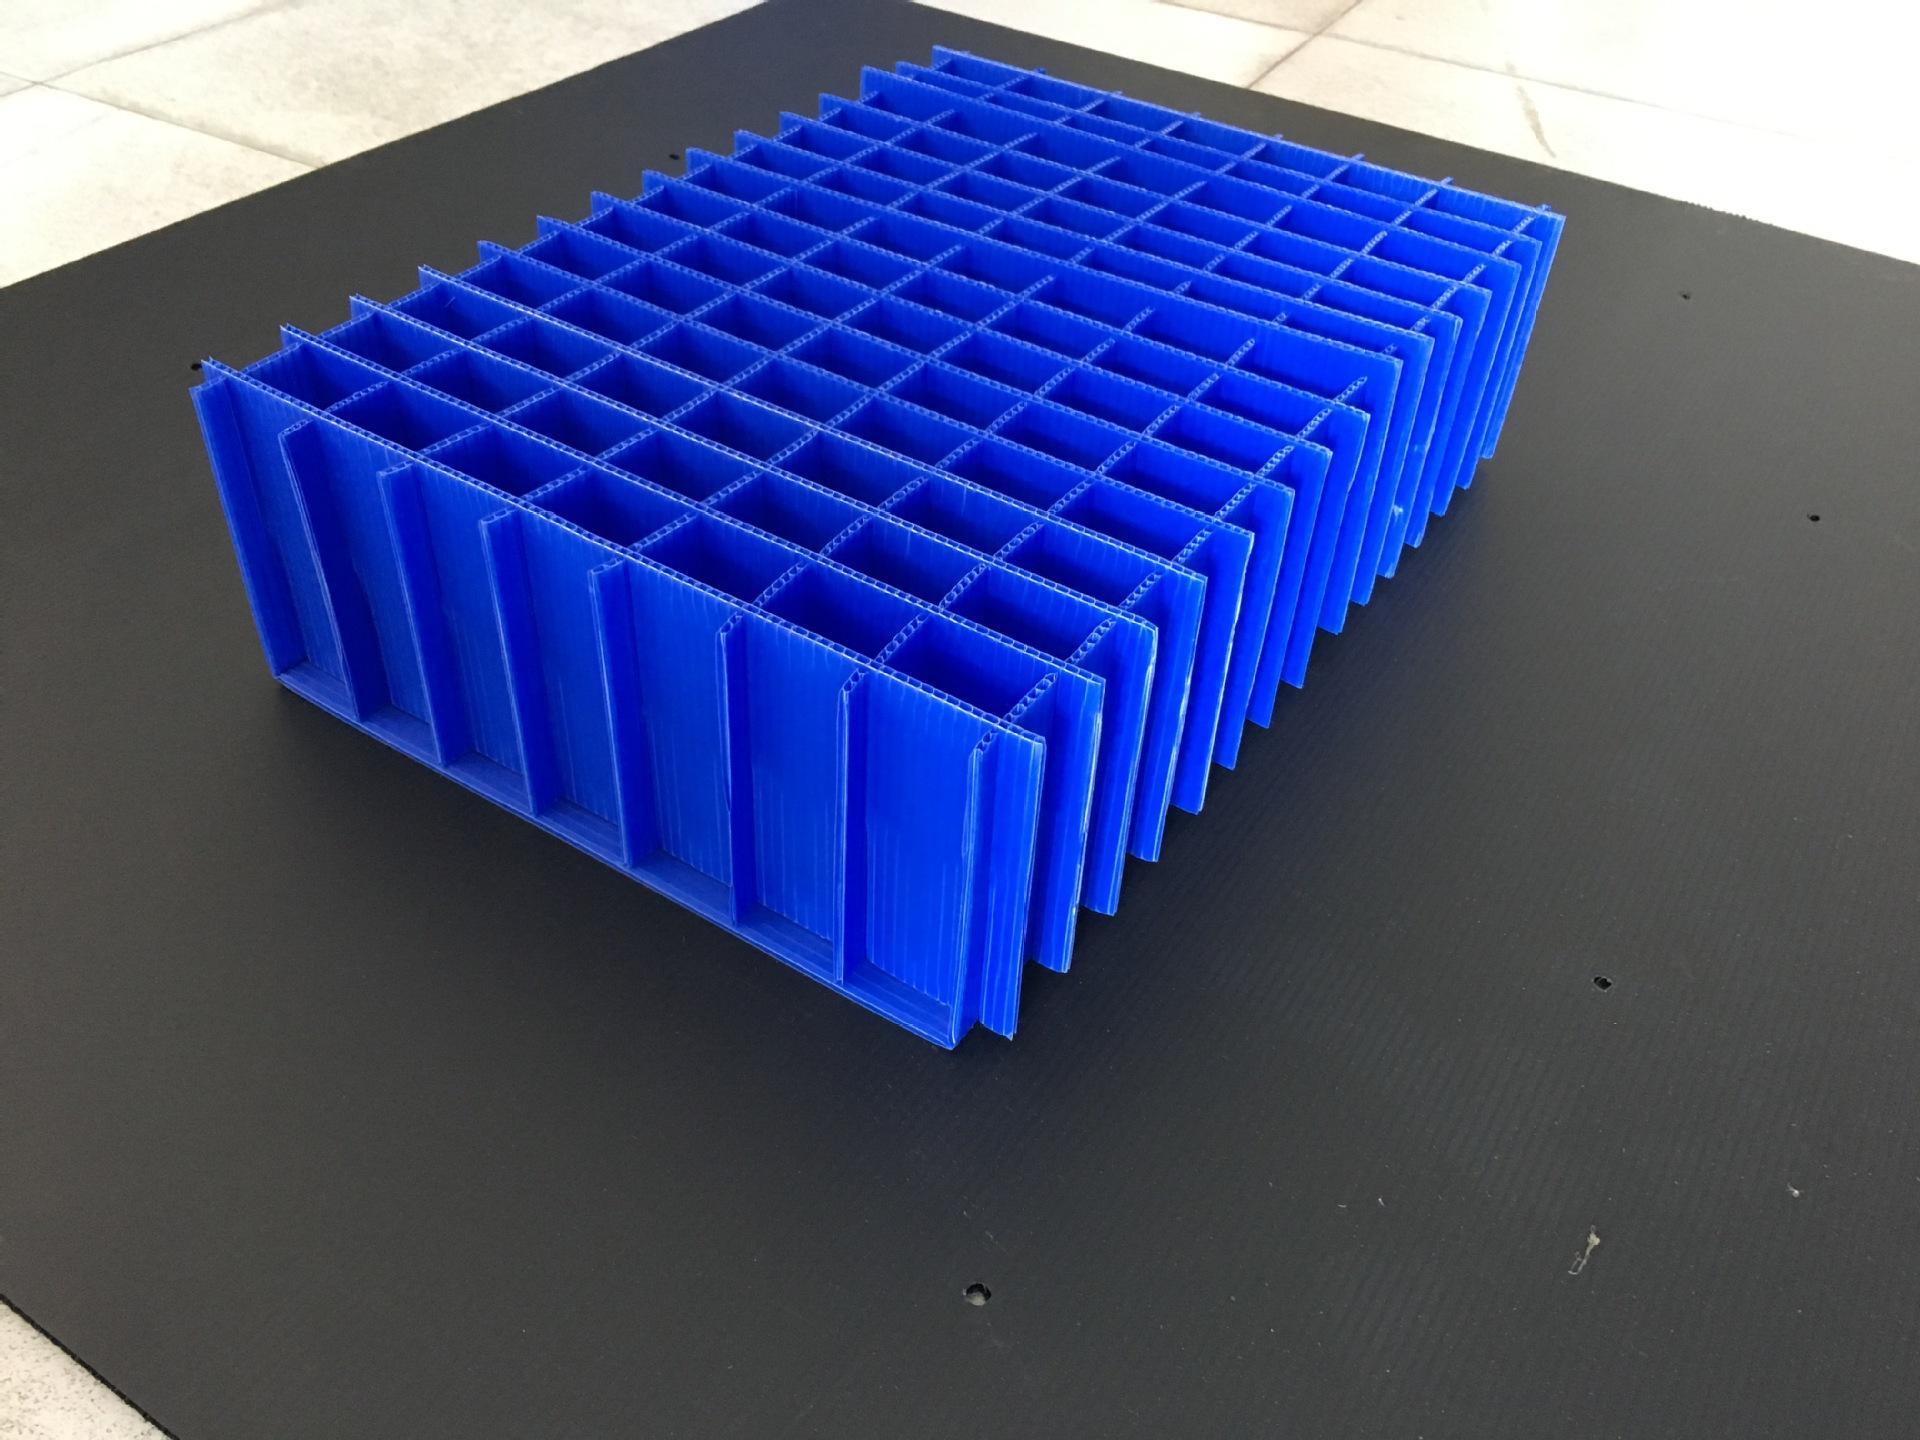 热销塑料中空板刀卡 中空板隔板 中空板刀卡盒 源头厂家